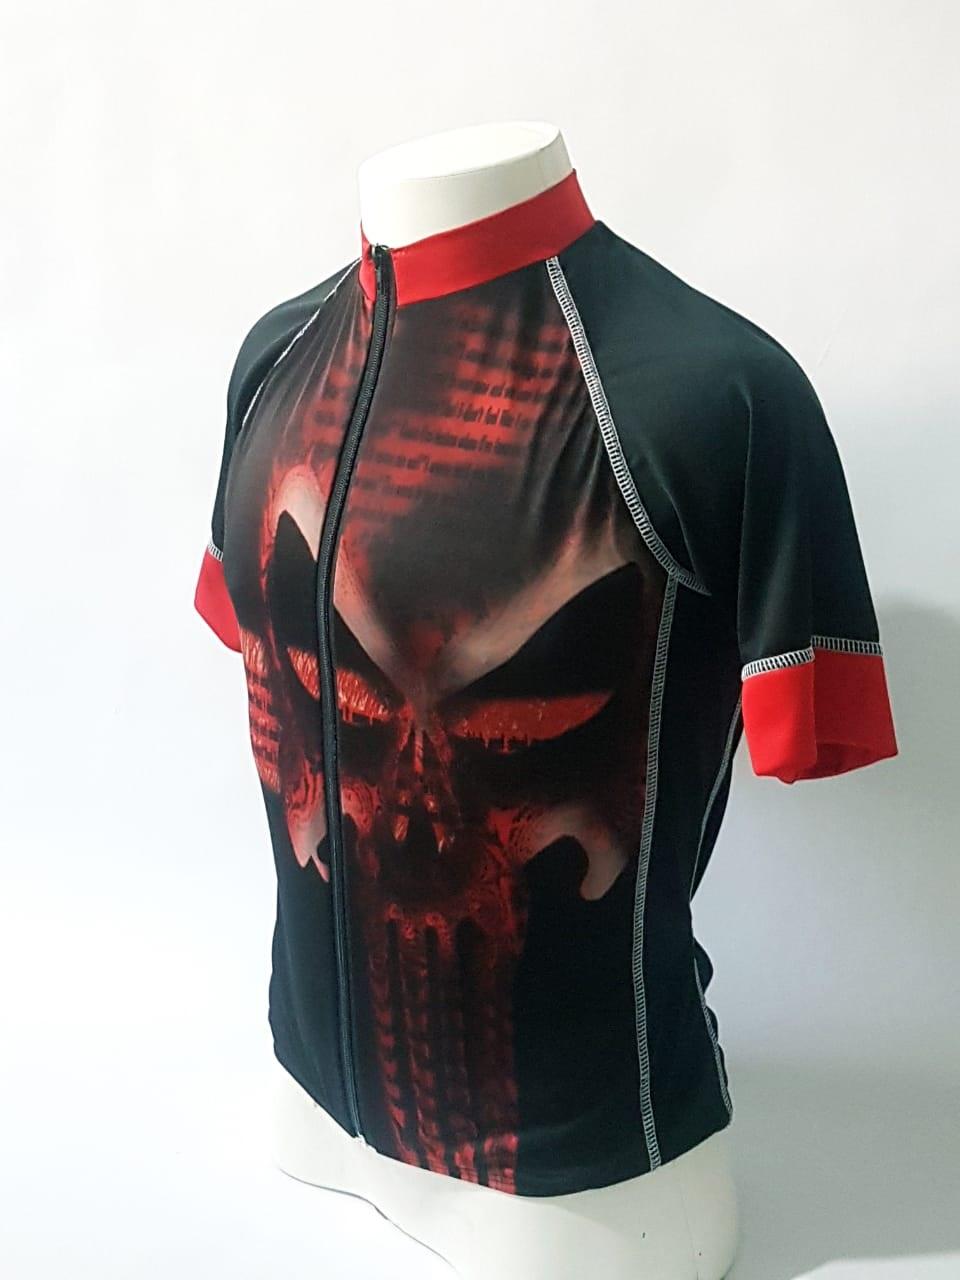 Camiseta Ciclismo com Ziper frontal